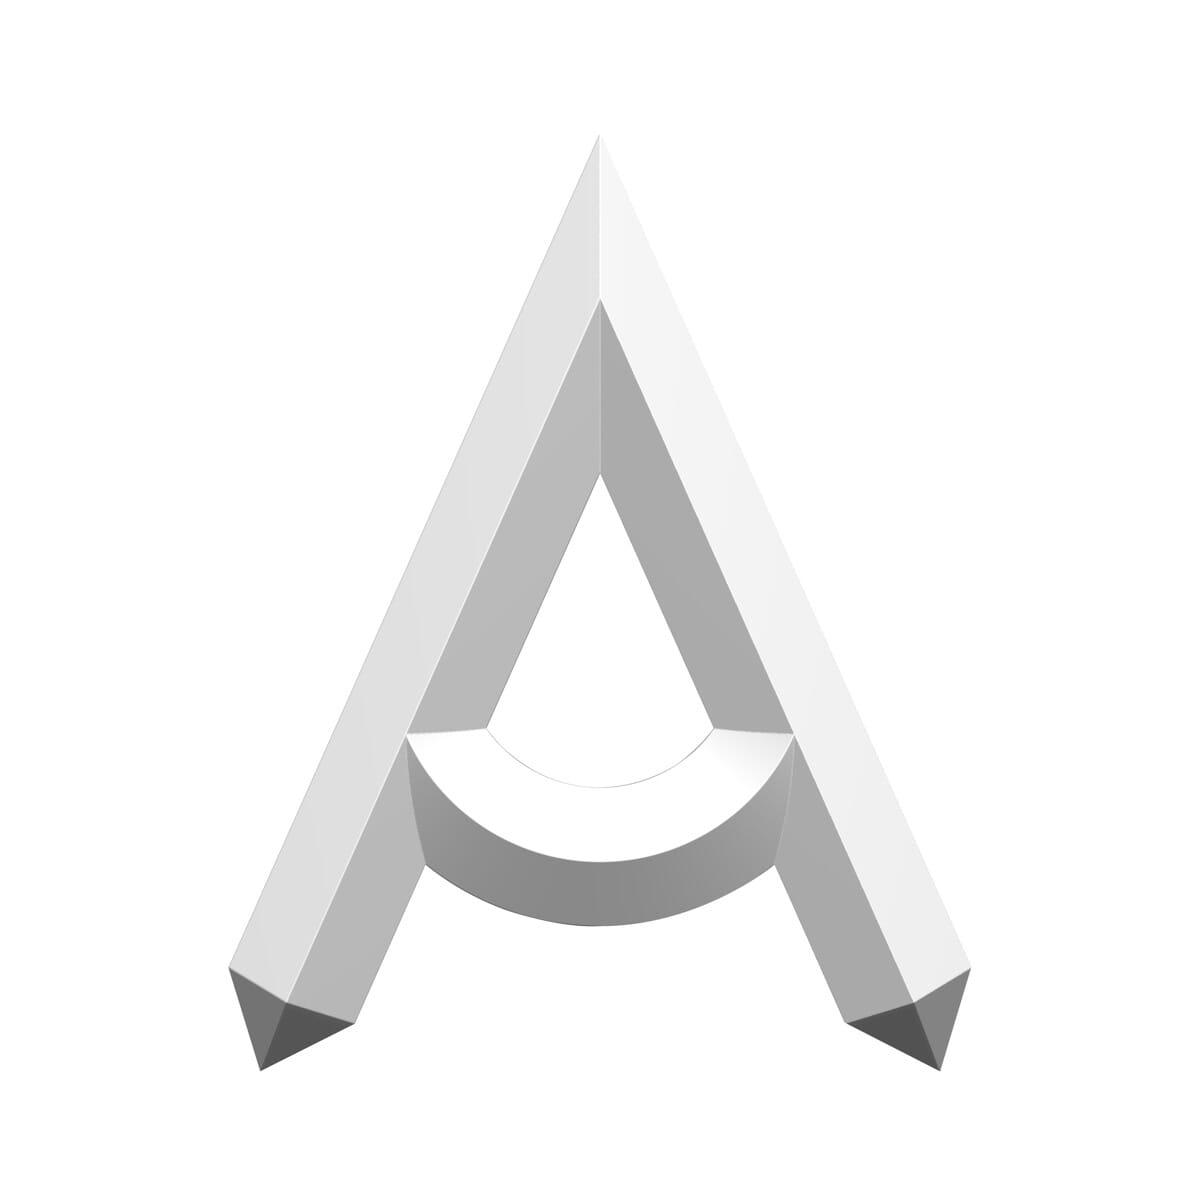 ebook Guia prático da